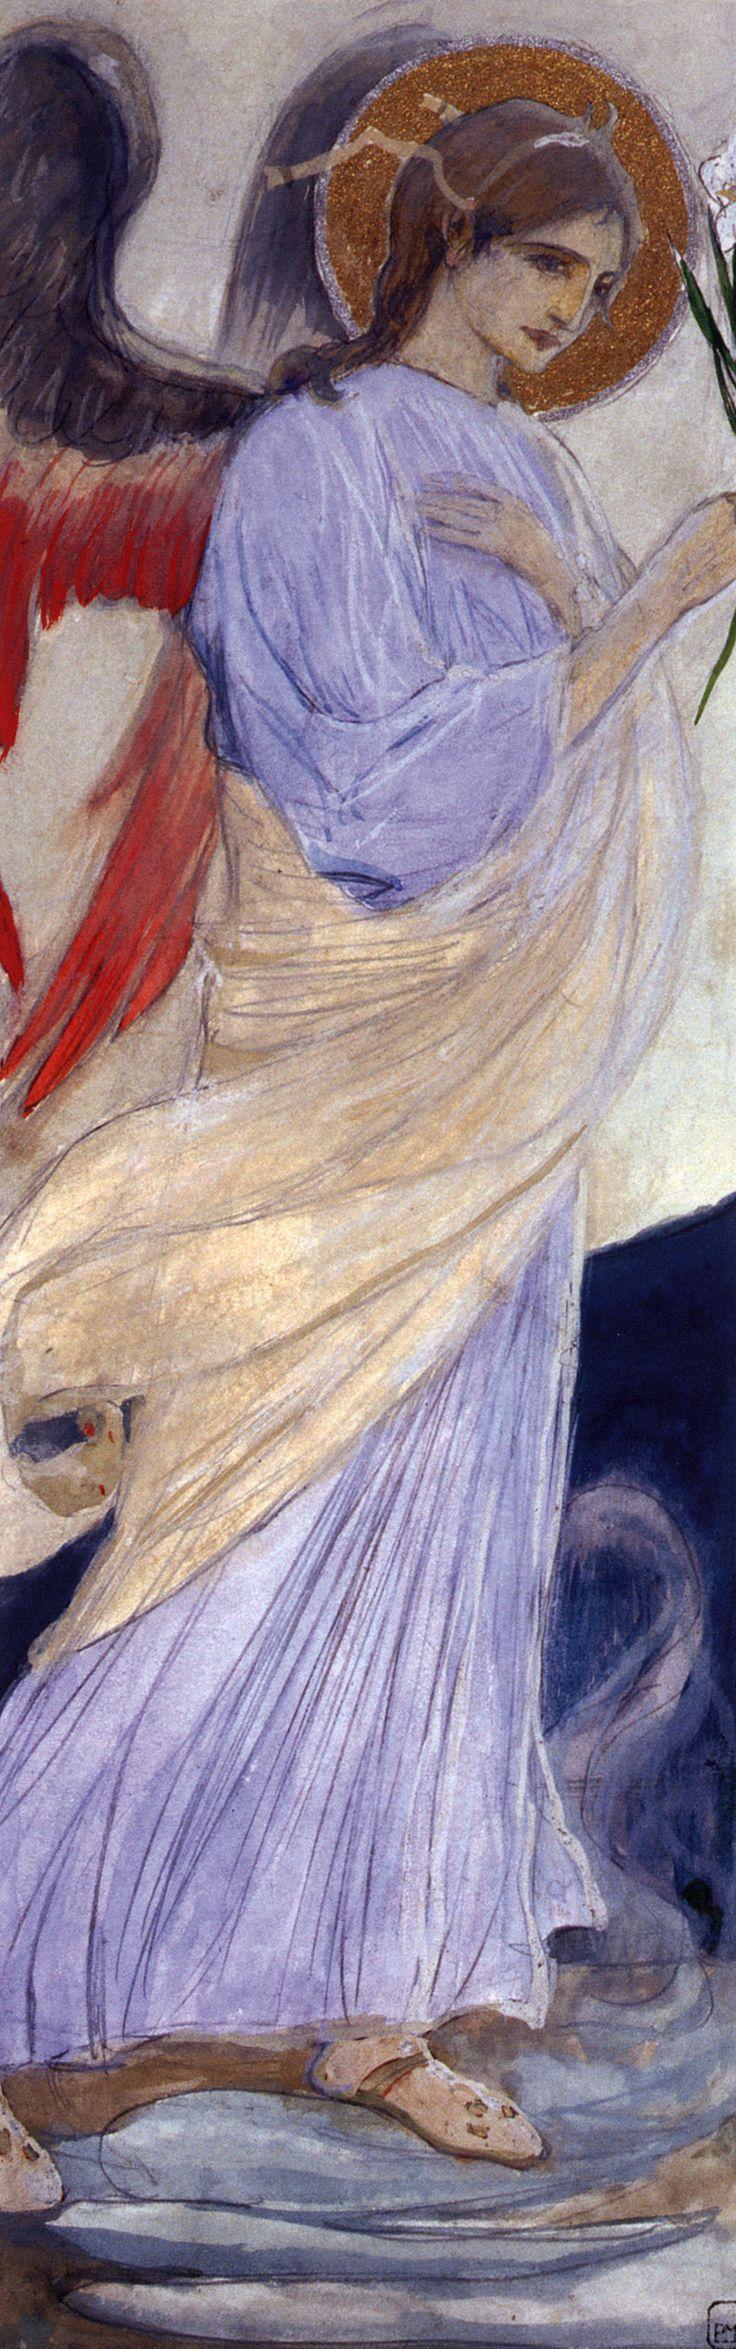 Нестеров М.. Архангел Гавриил. 1899-1900